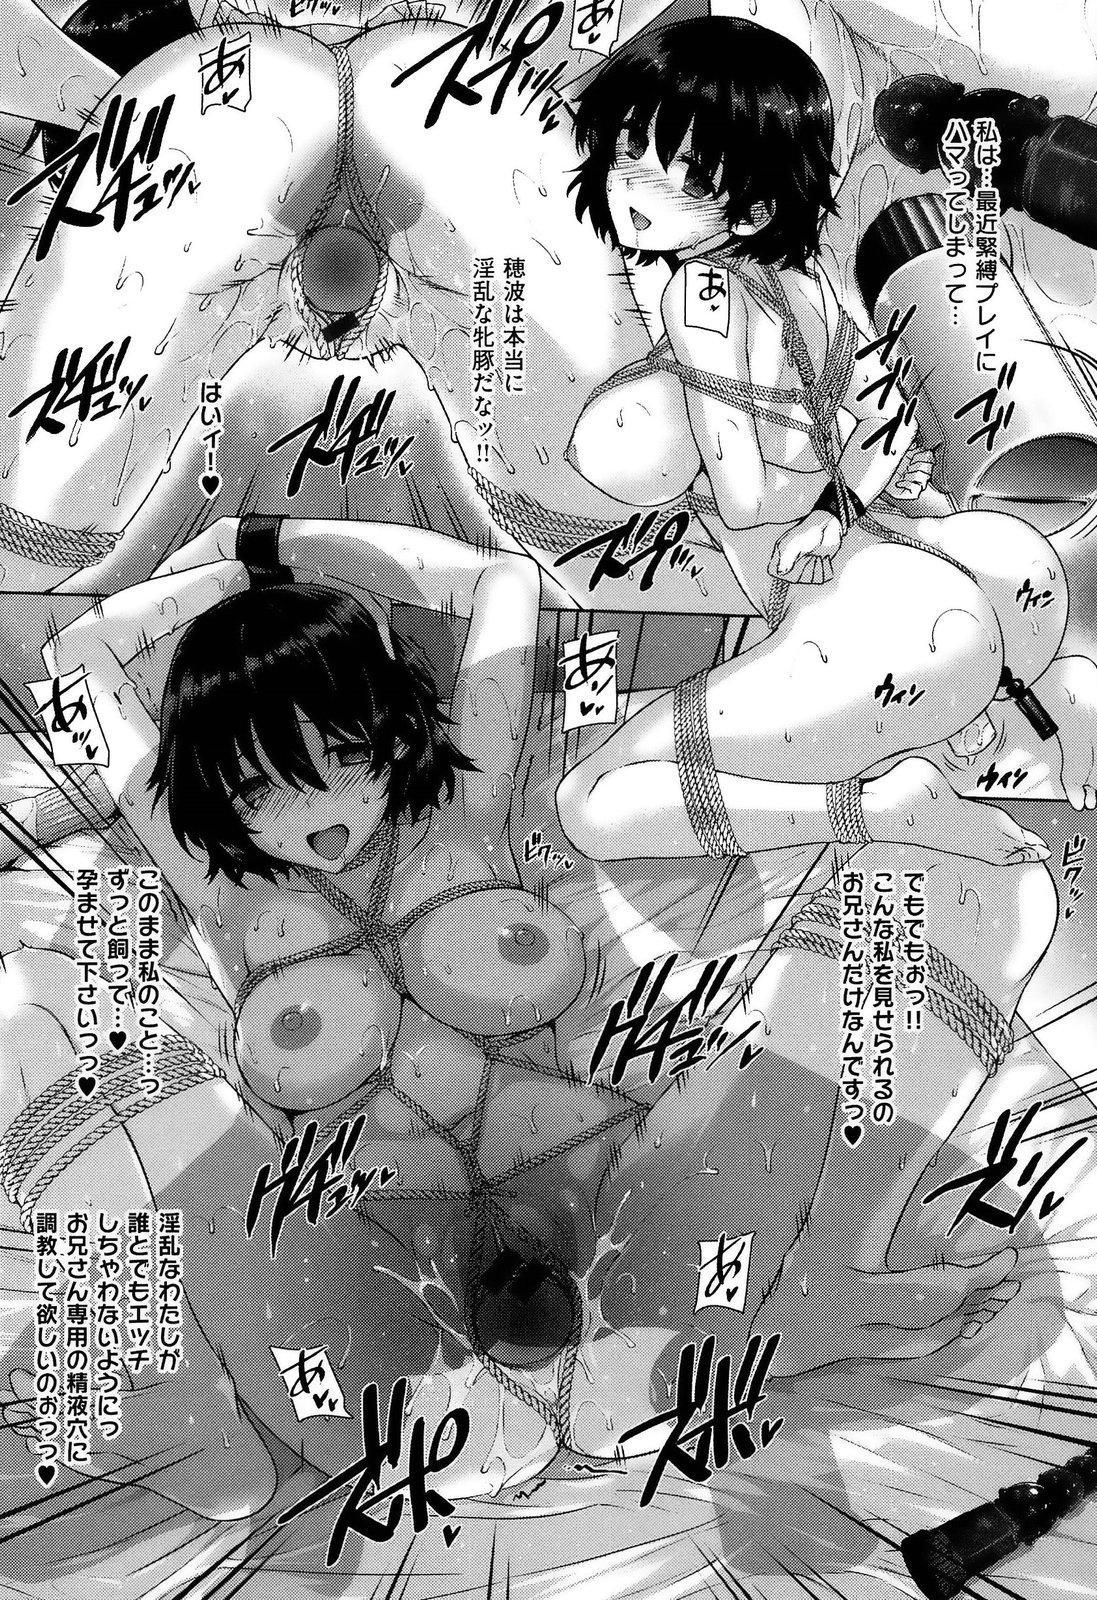 [Katsurai Yoshiaki] Kokuhaku Lovers Ch.1-4, 6-8 [English] 129